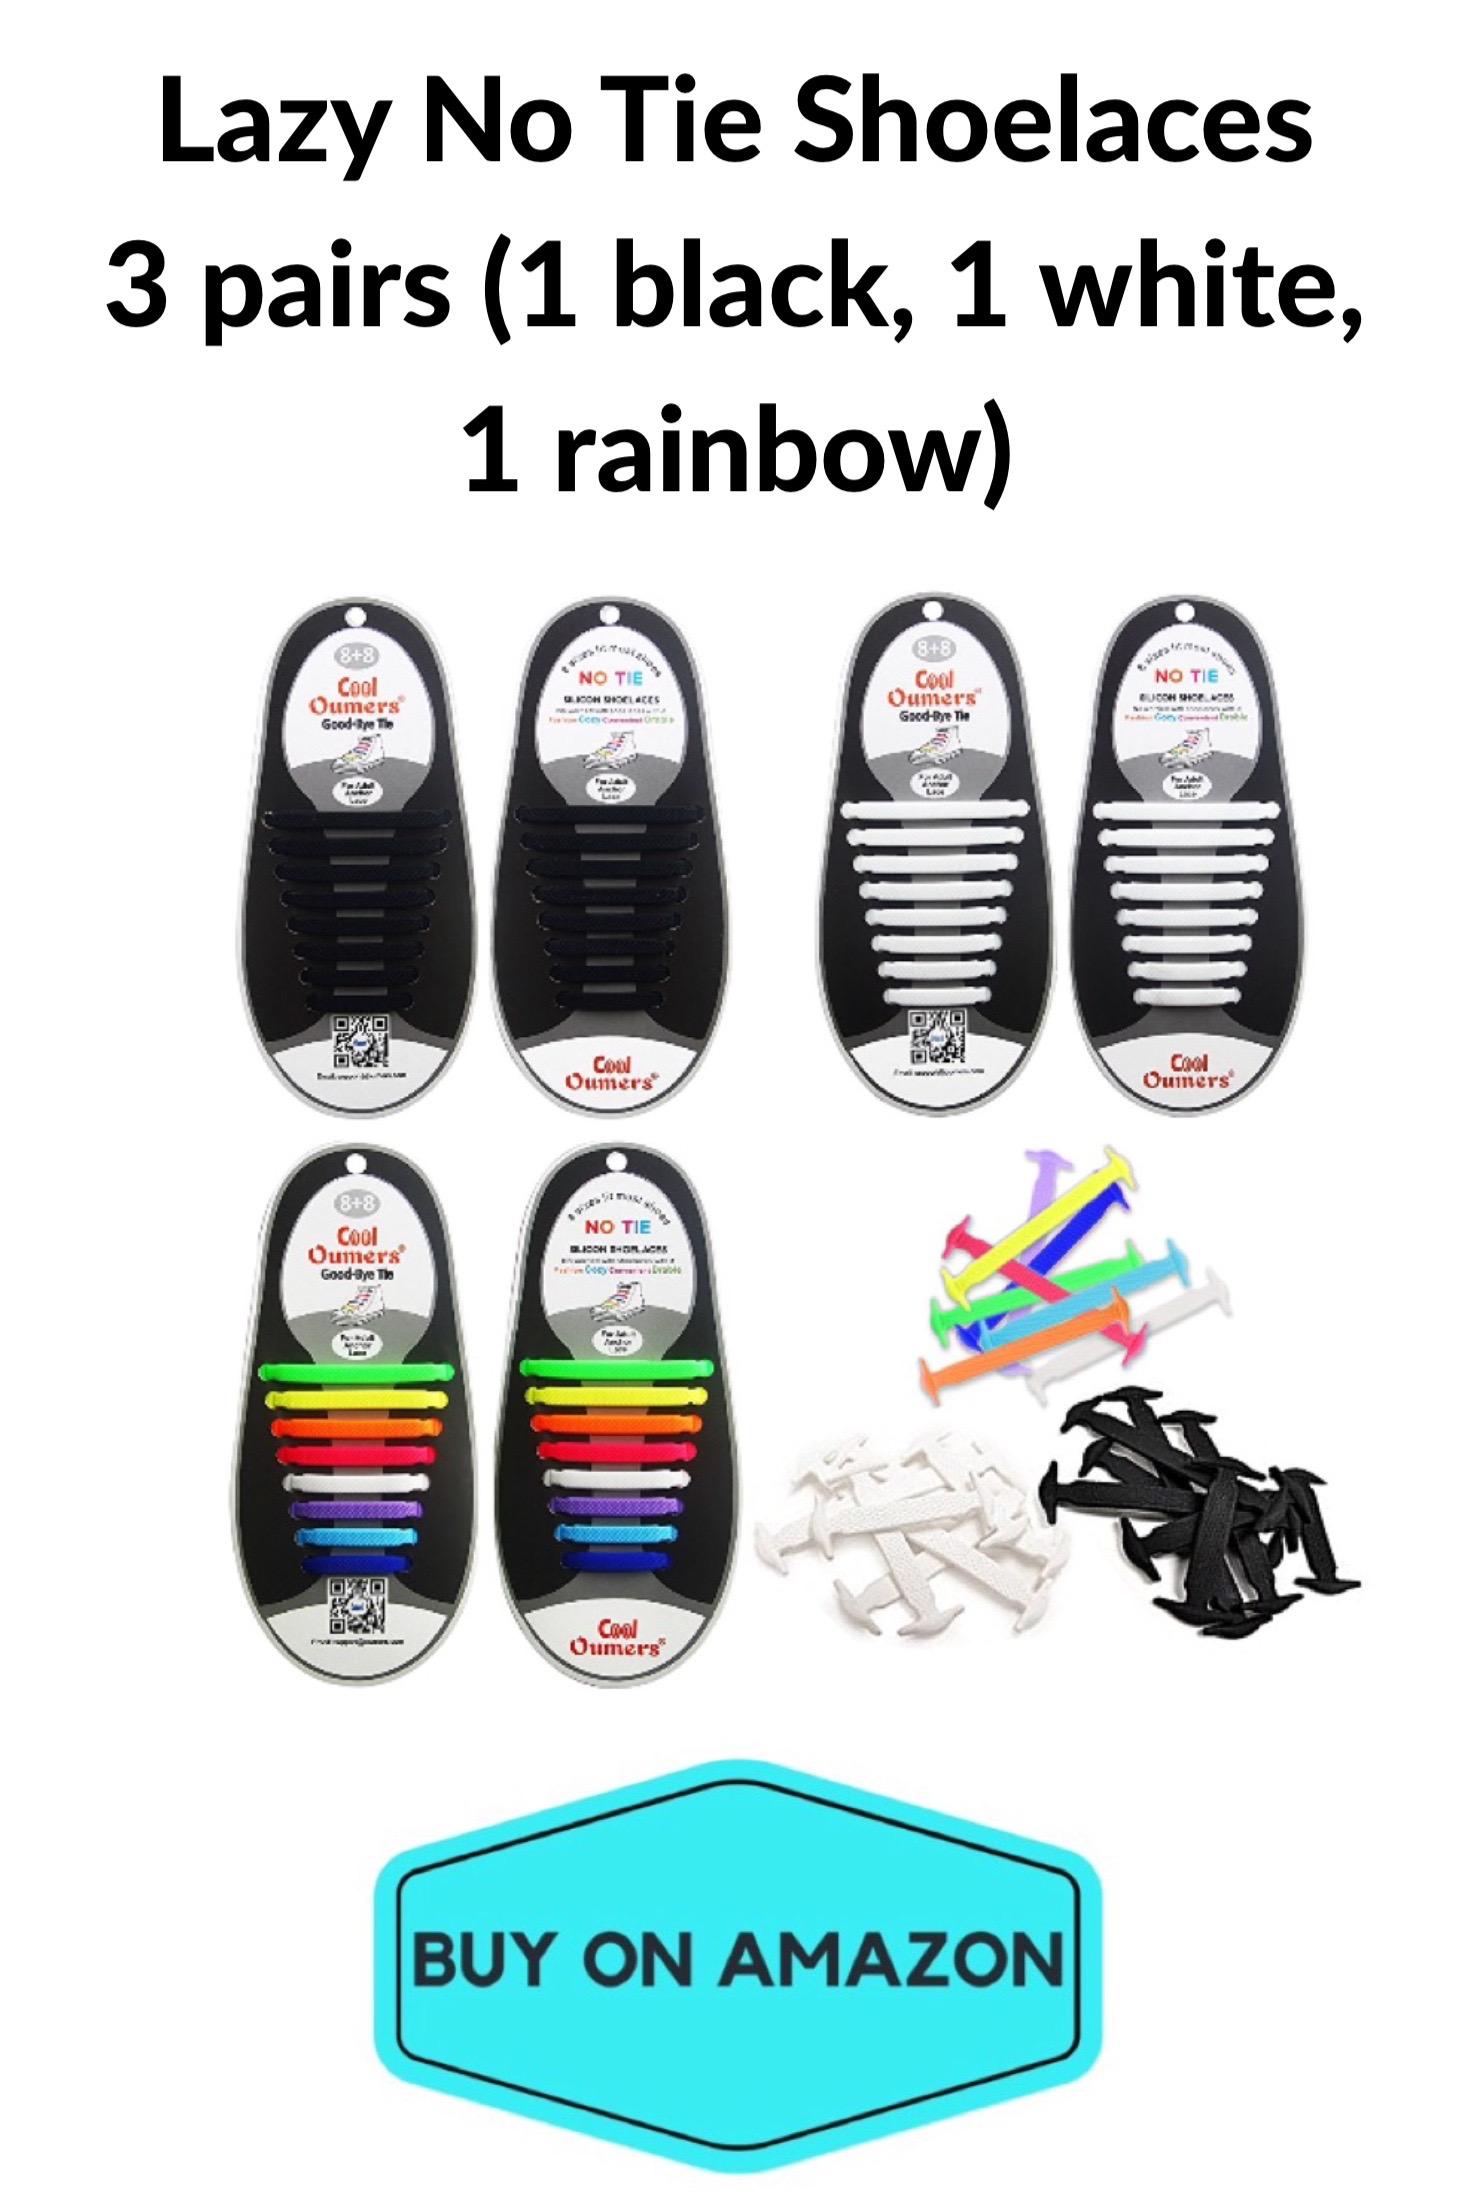 Lazy No-Tie Shoelaces